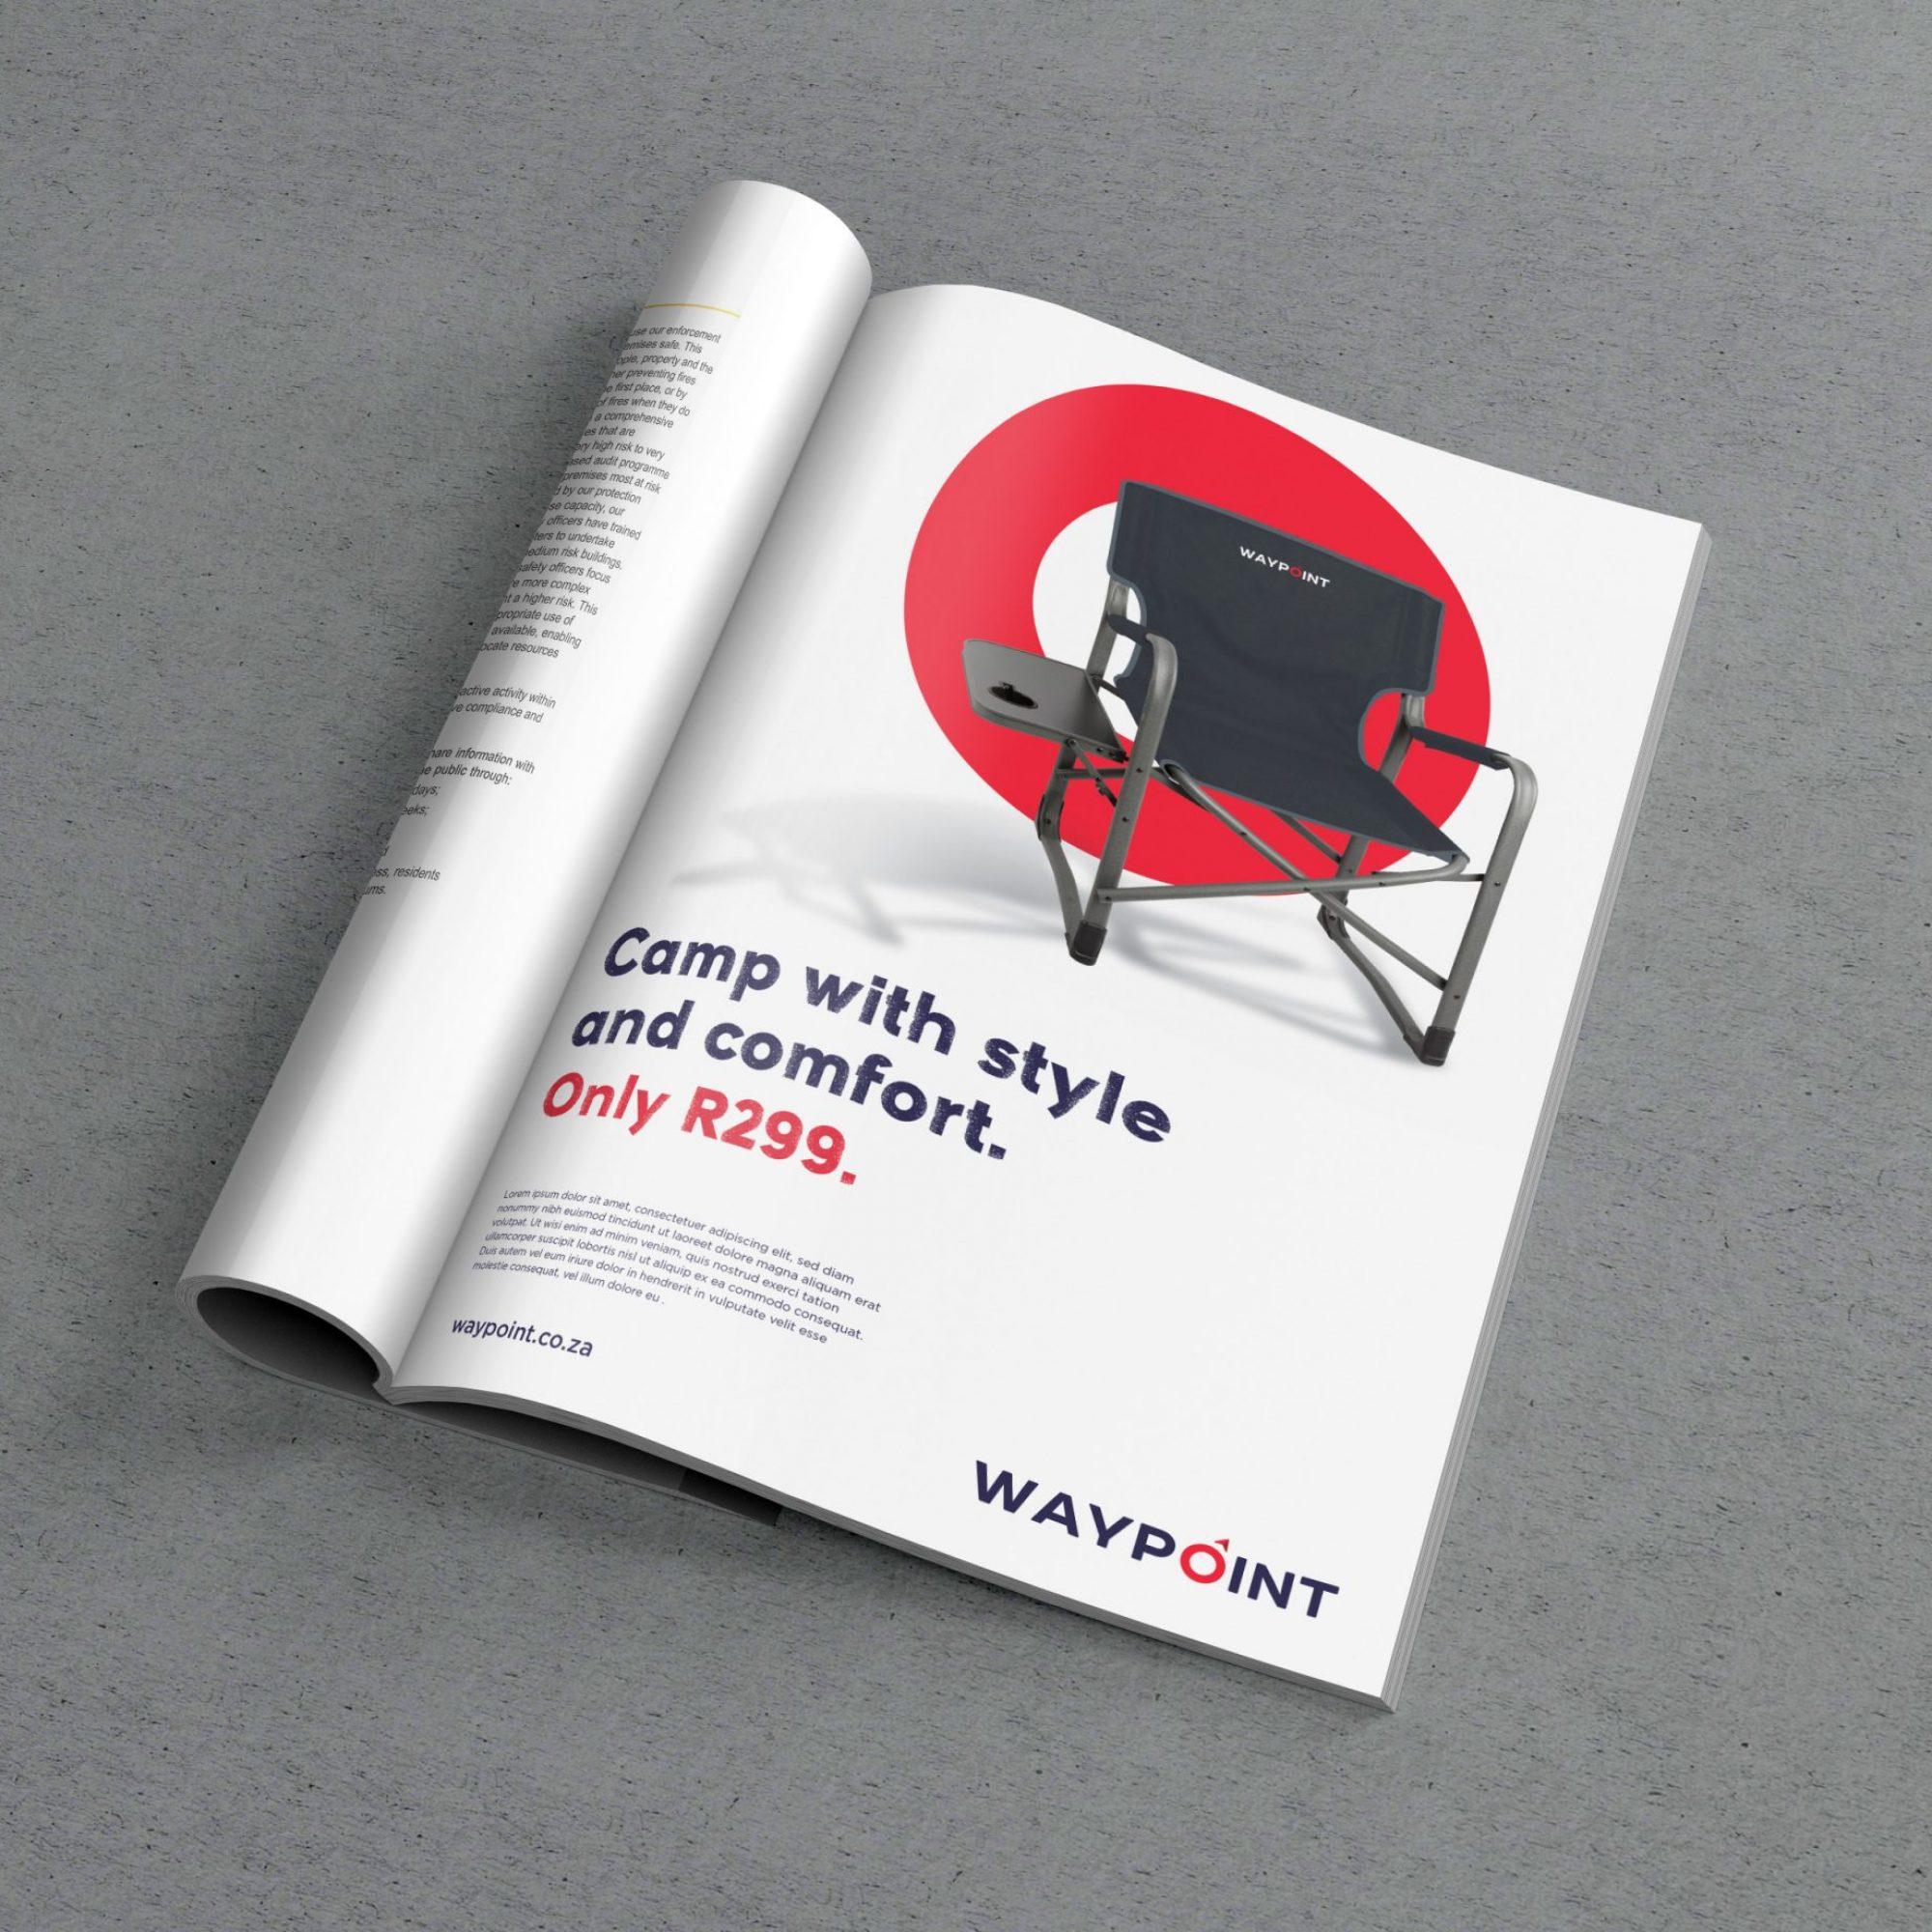 Waypoint_Ad3